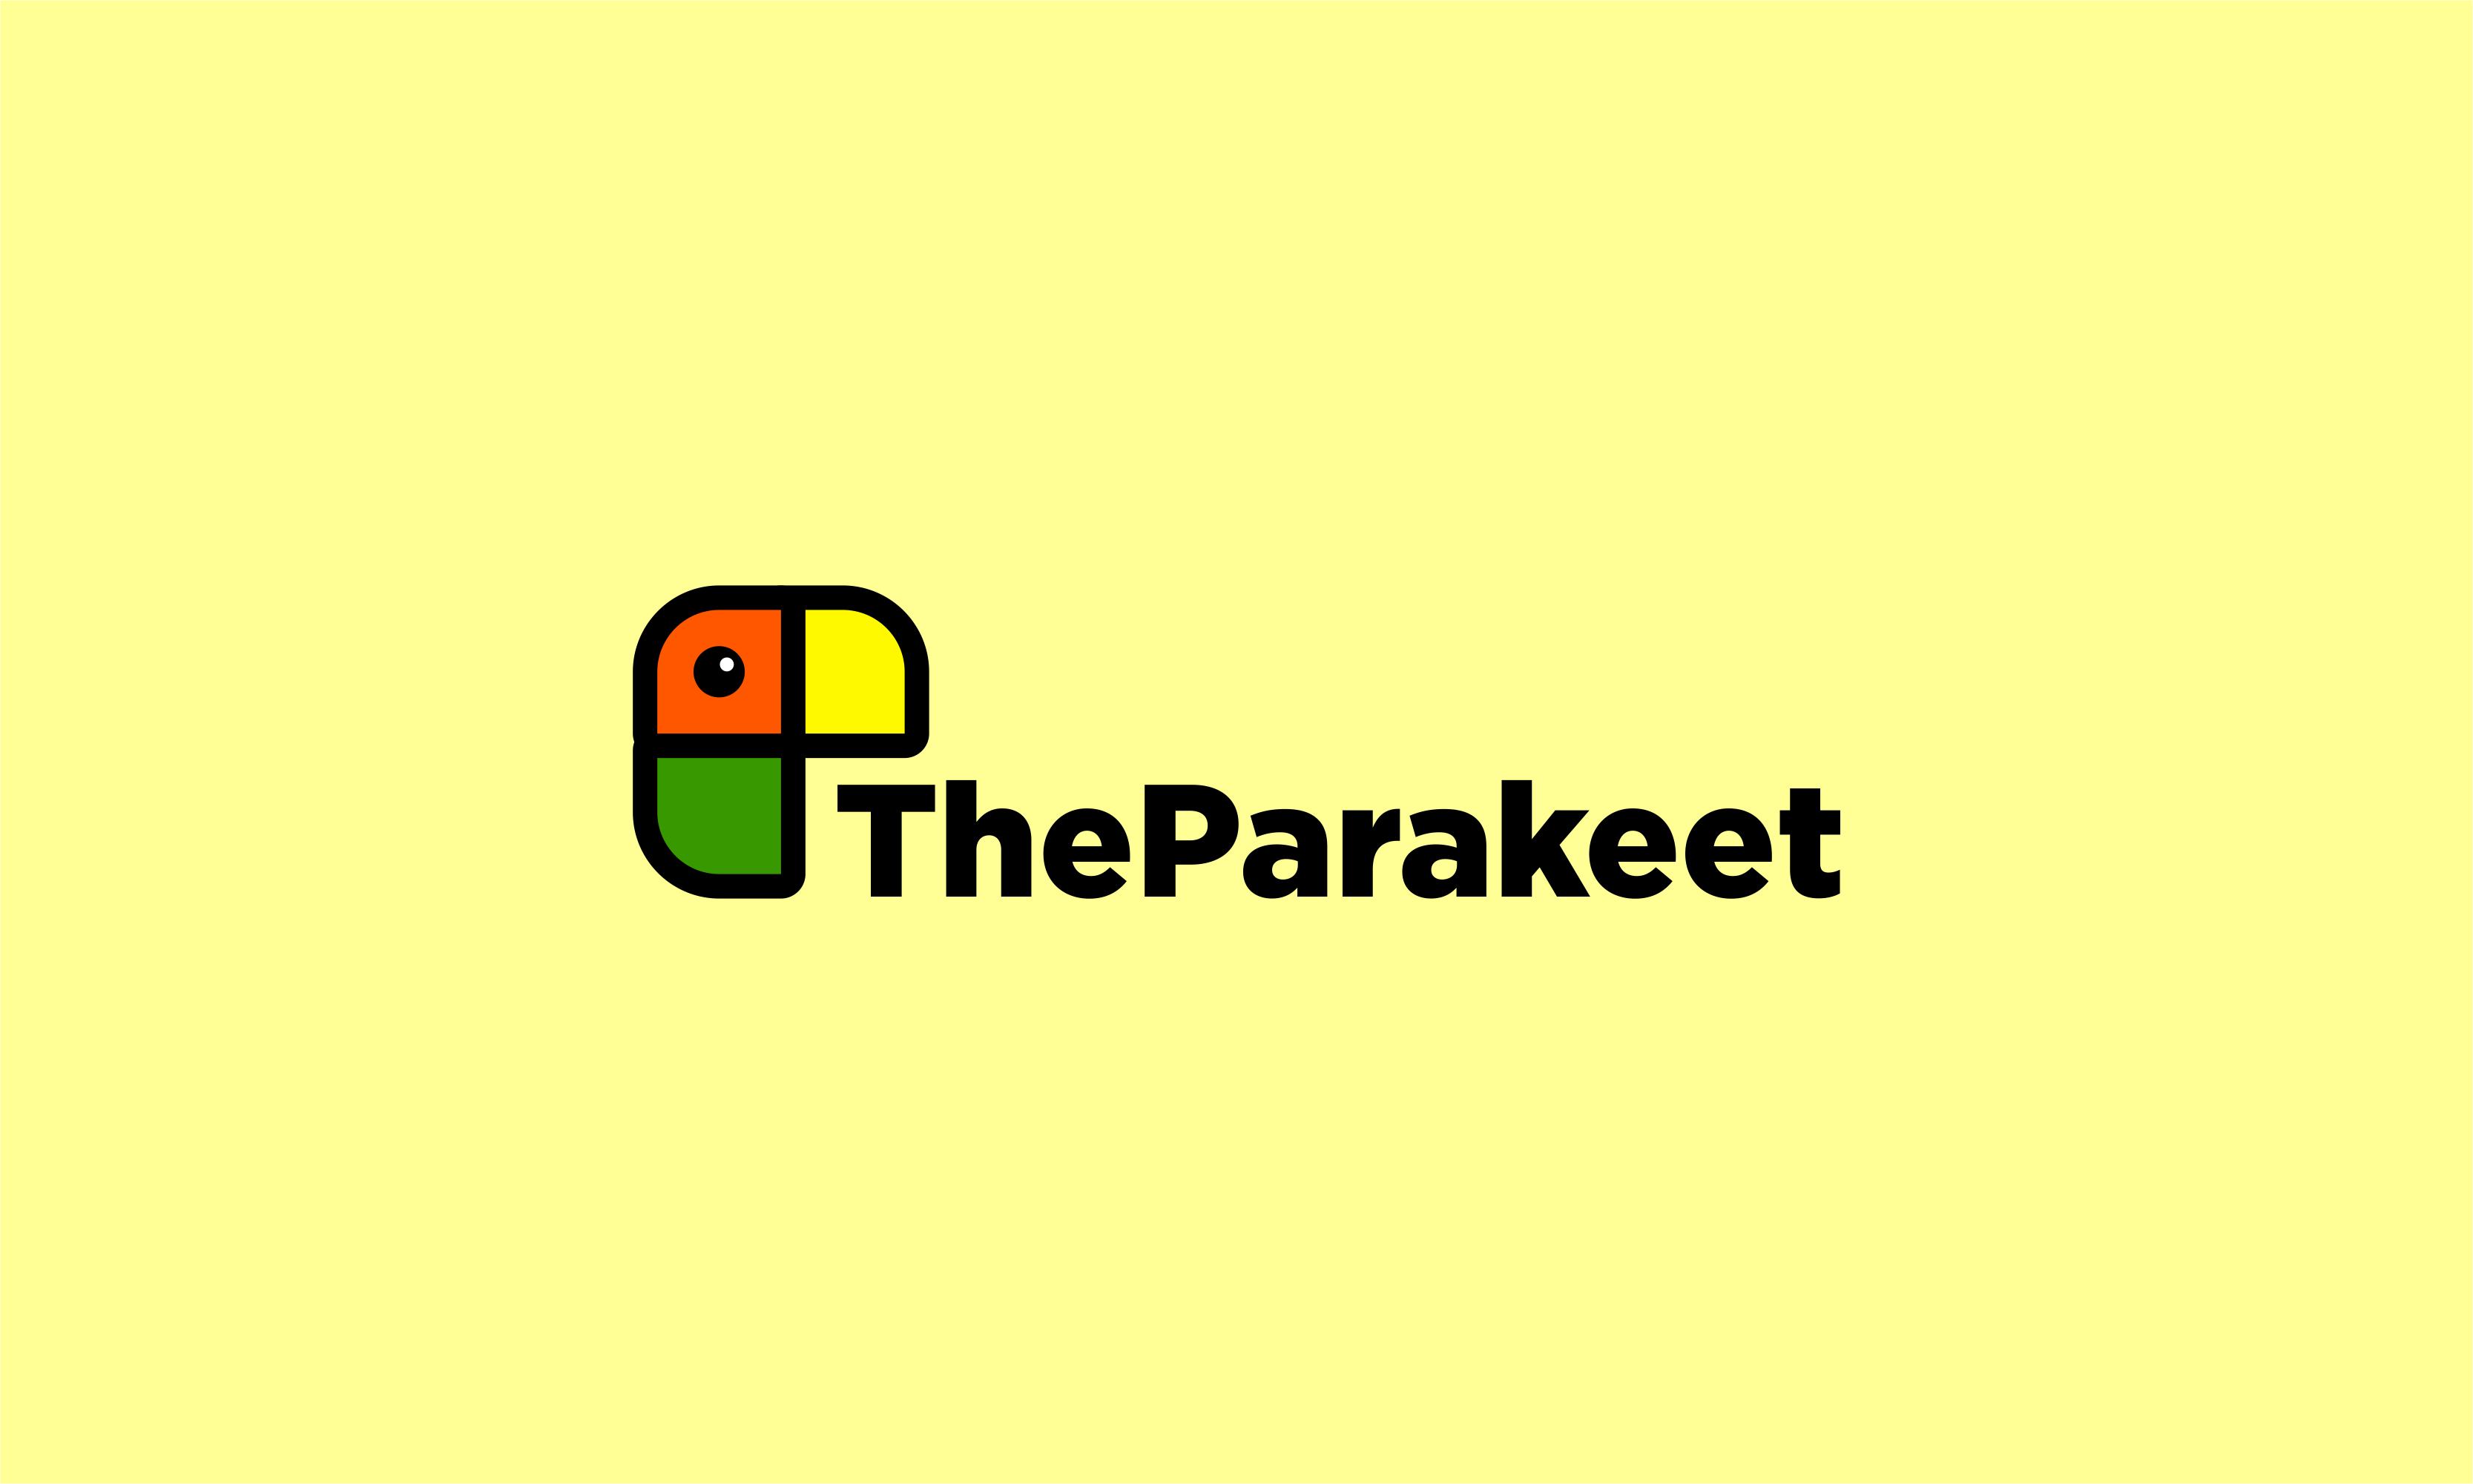 Theparakeet